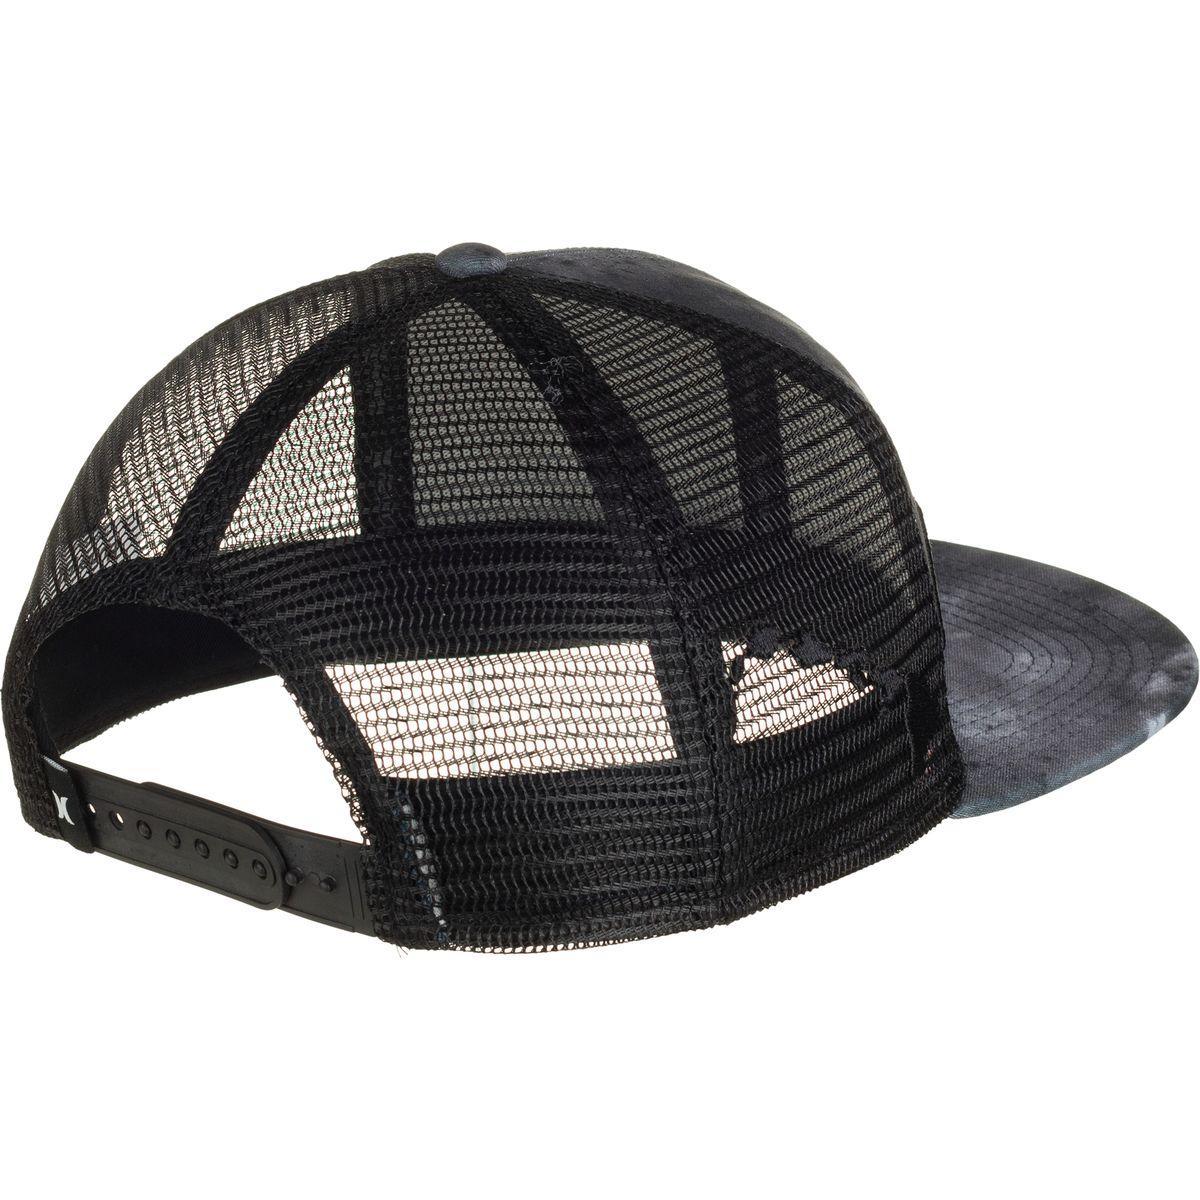 18a0e5a51 Hurley Black Jjf Iii Nebula Aloha Trucker Hat for men